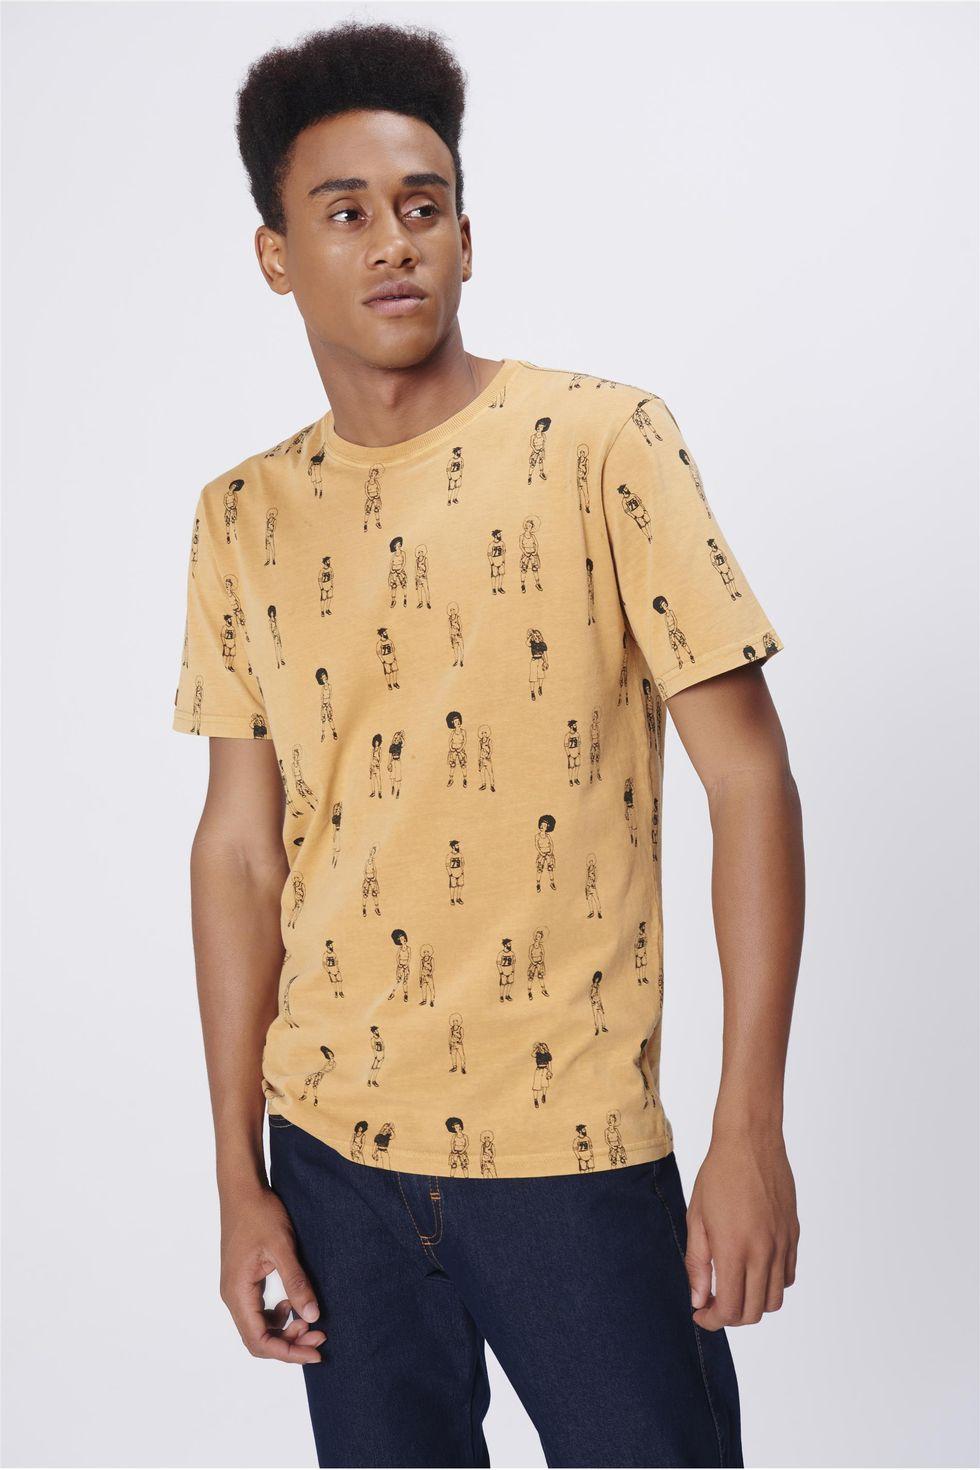 Camiseta-Unissex-Estampa-Repeticao-Frente--